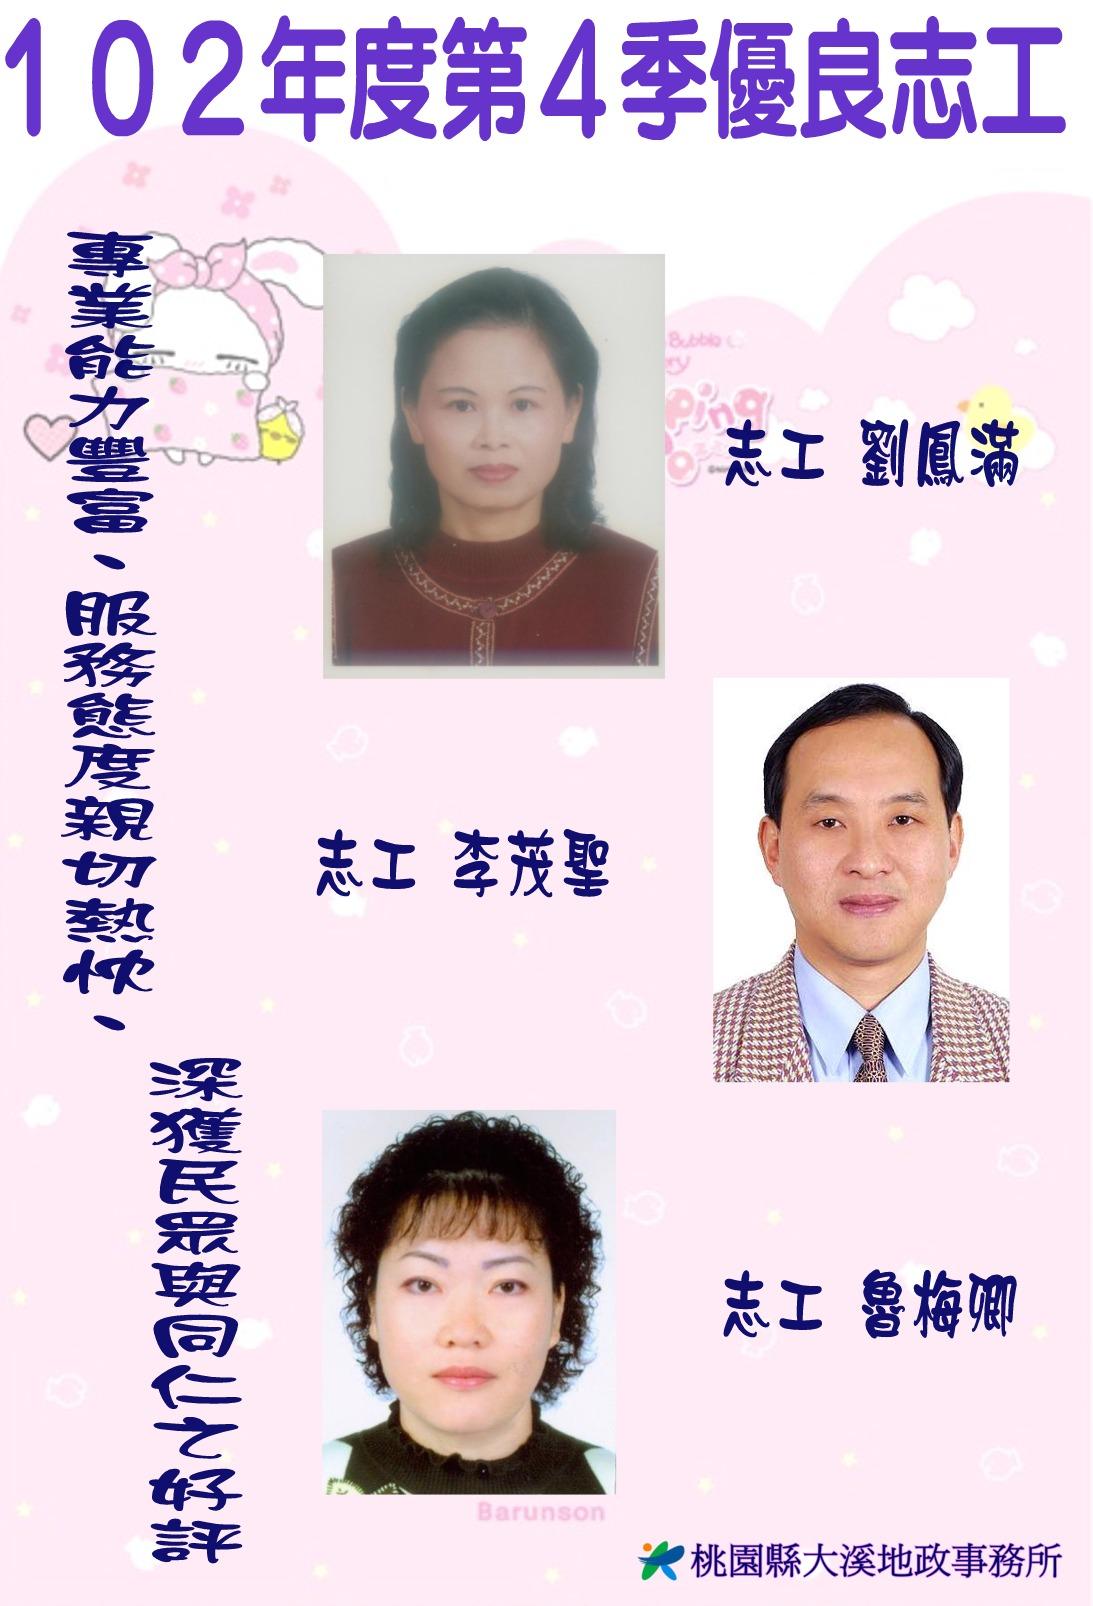 第四季志工績優人員─劉鳳滿小姐、李茂聖先生、魯梅卿小姐